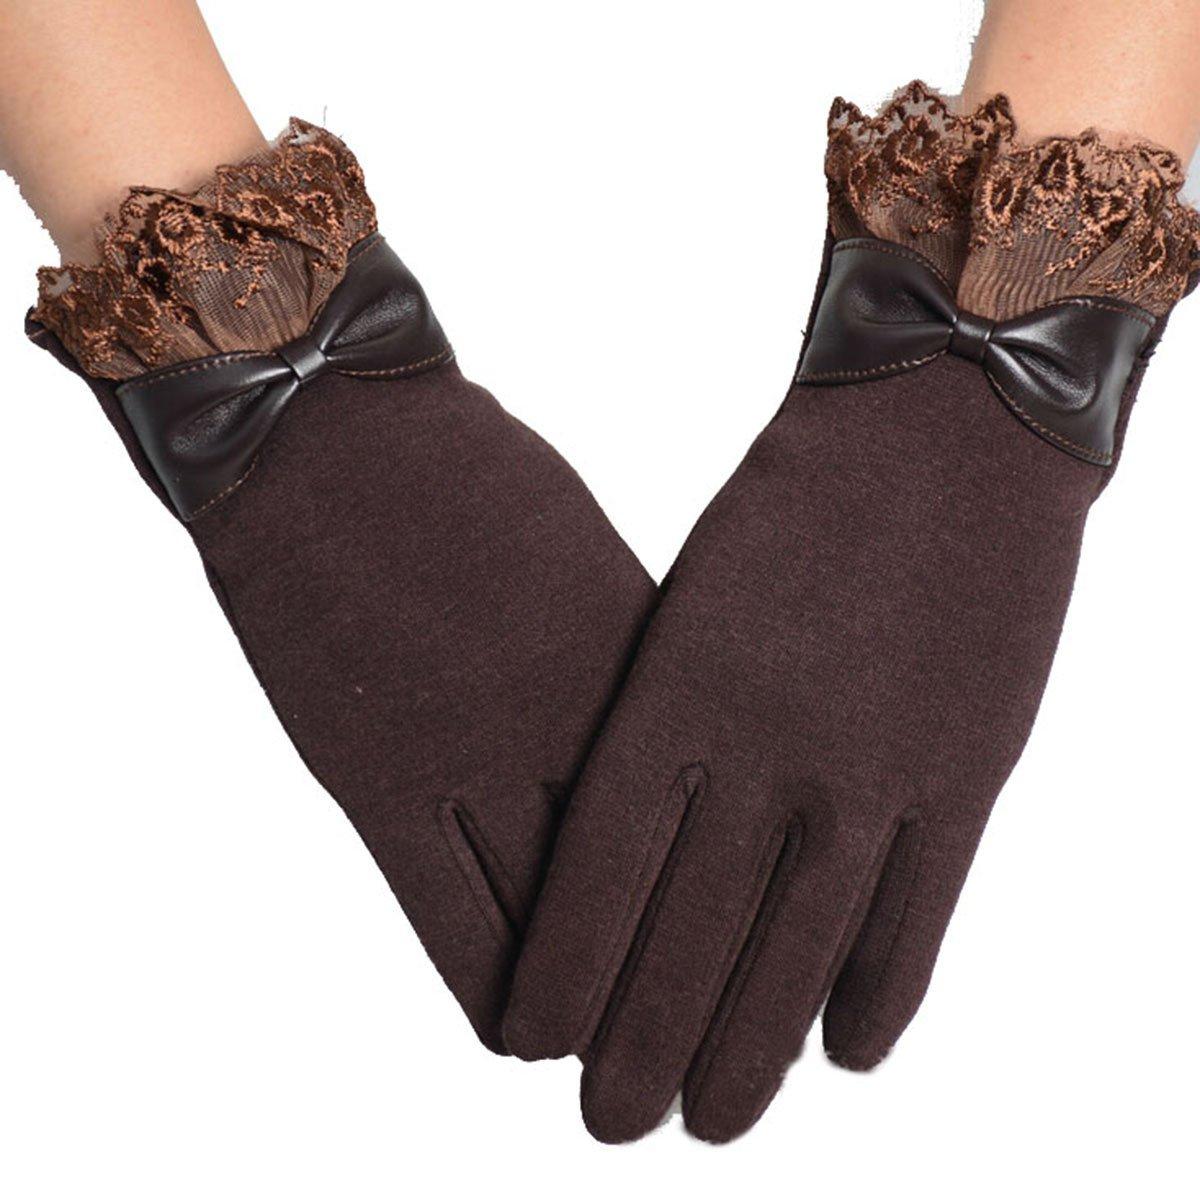 ZUMUii Butterme da donna di pizzo Touch Screen Texting Driving Inverno Foderato spessore caldo guanti con fiocco (caffè)